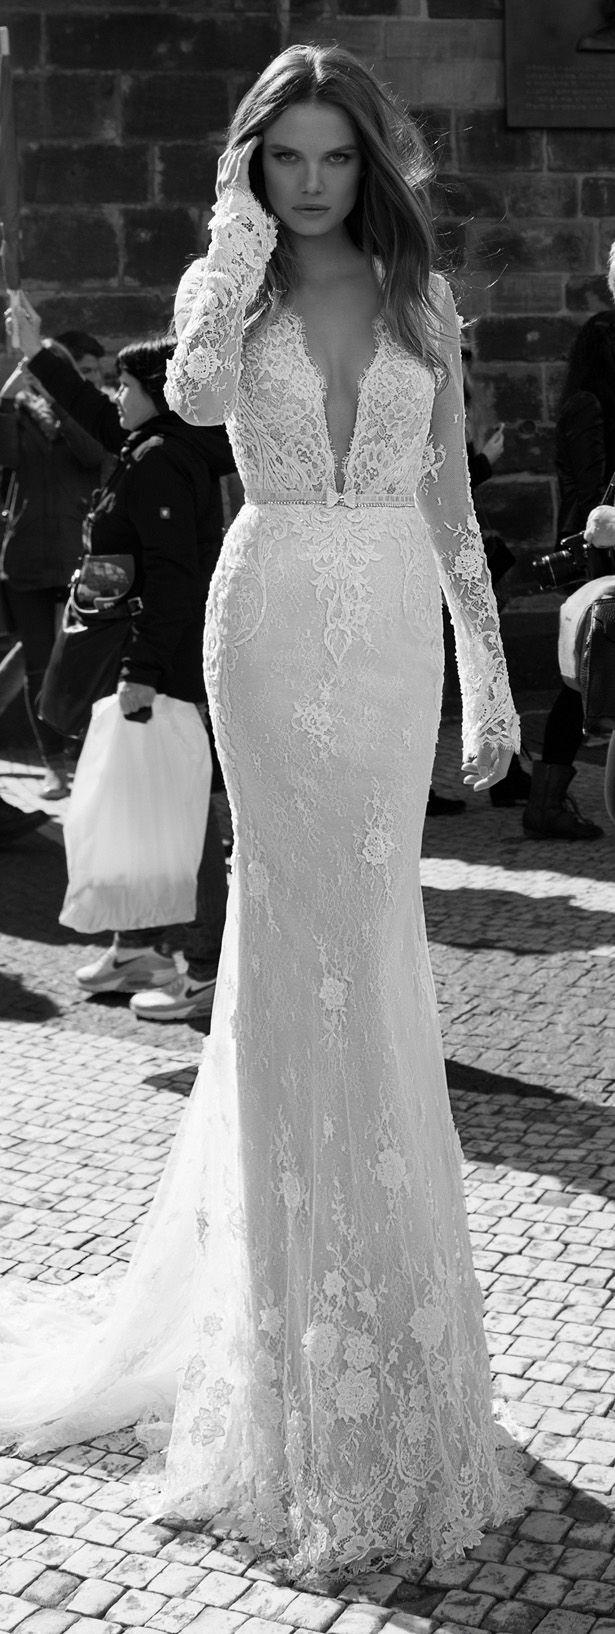 Wedding dresses by berta bridal fall berta bridal fall